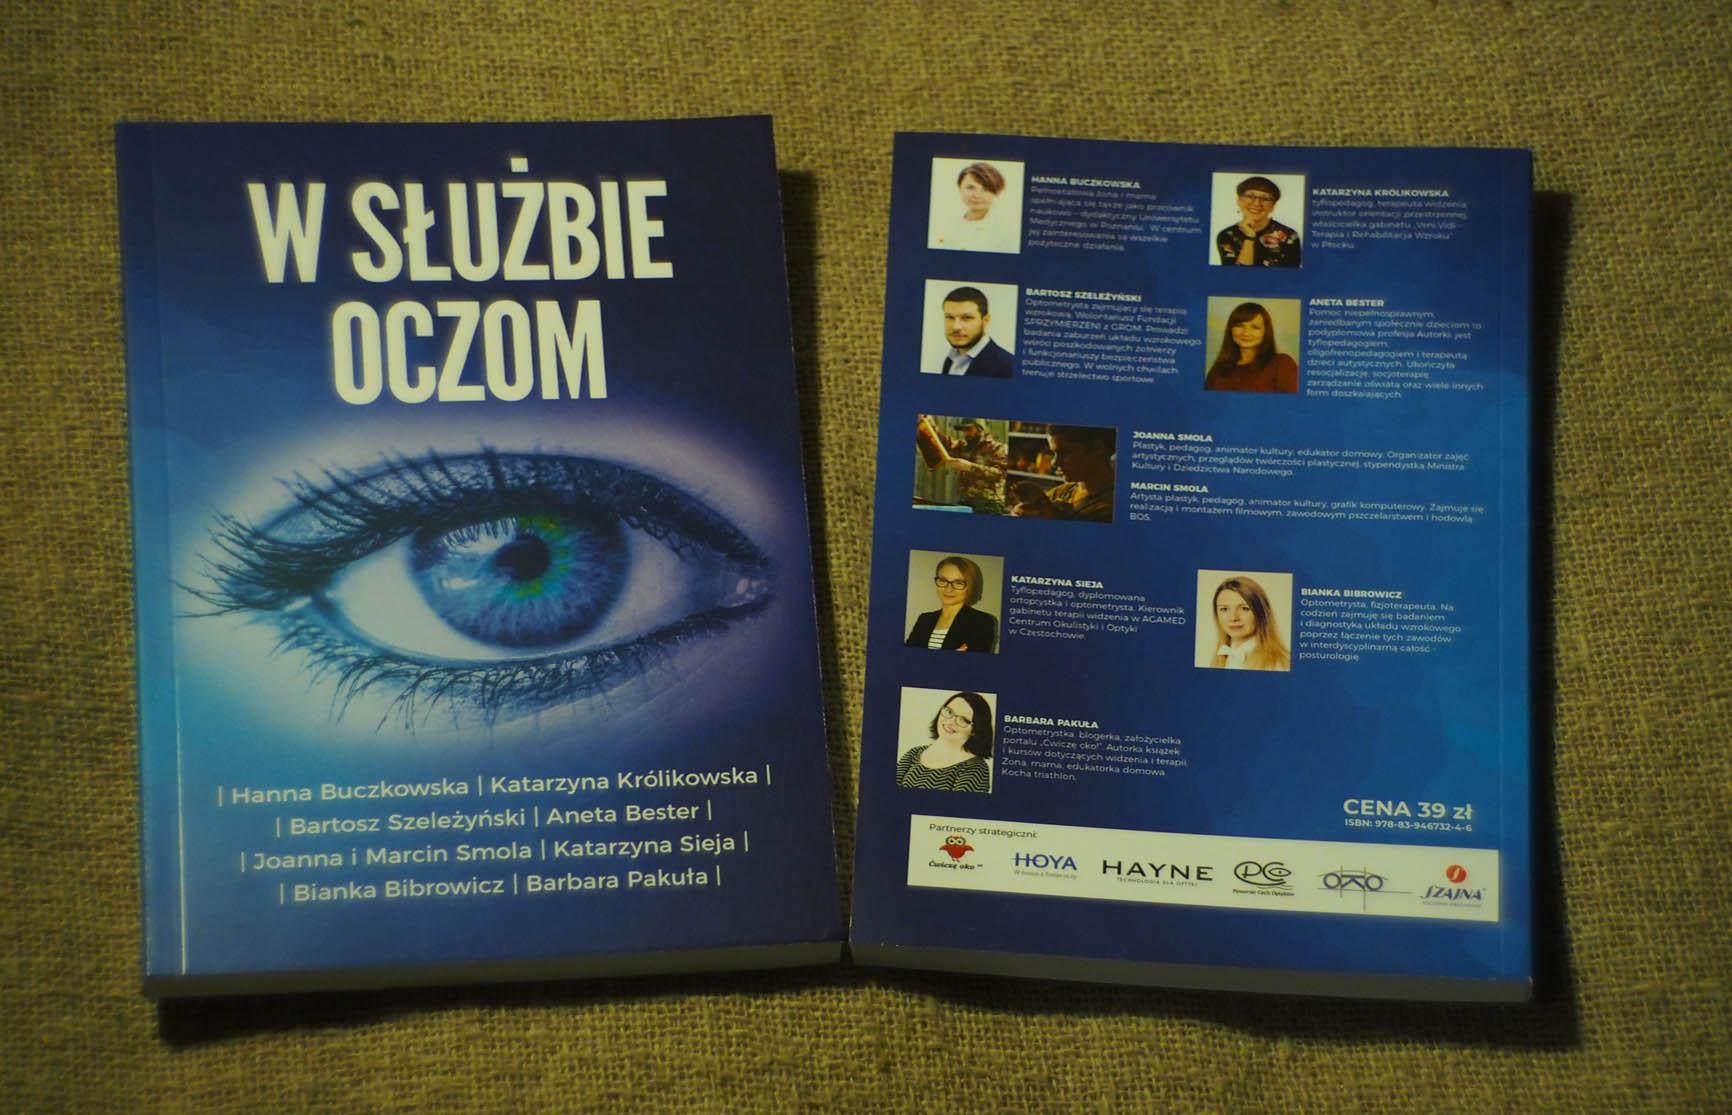 W SŁUŻBIE OCZOM - książka, mamotatopokazmi.pl